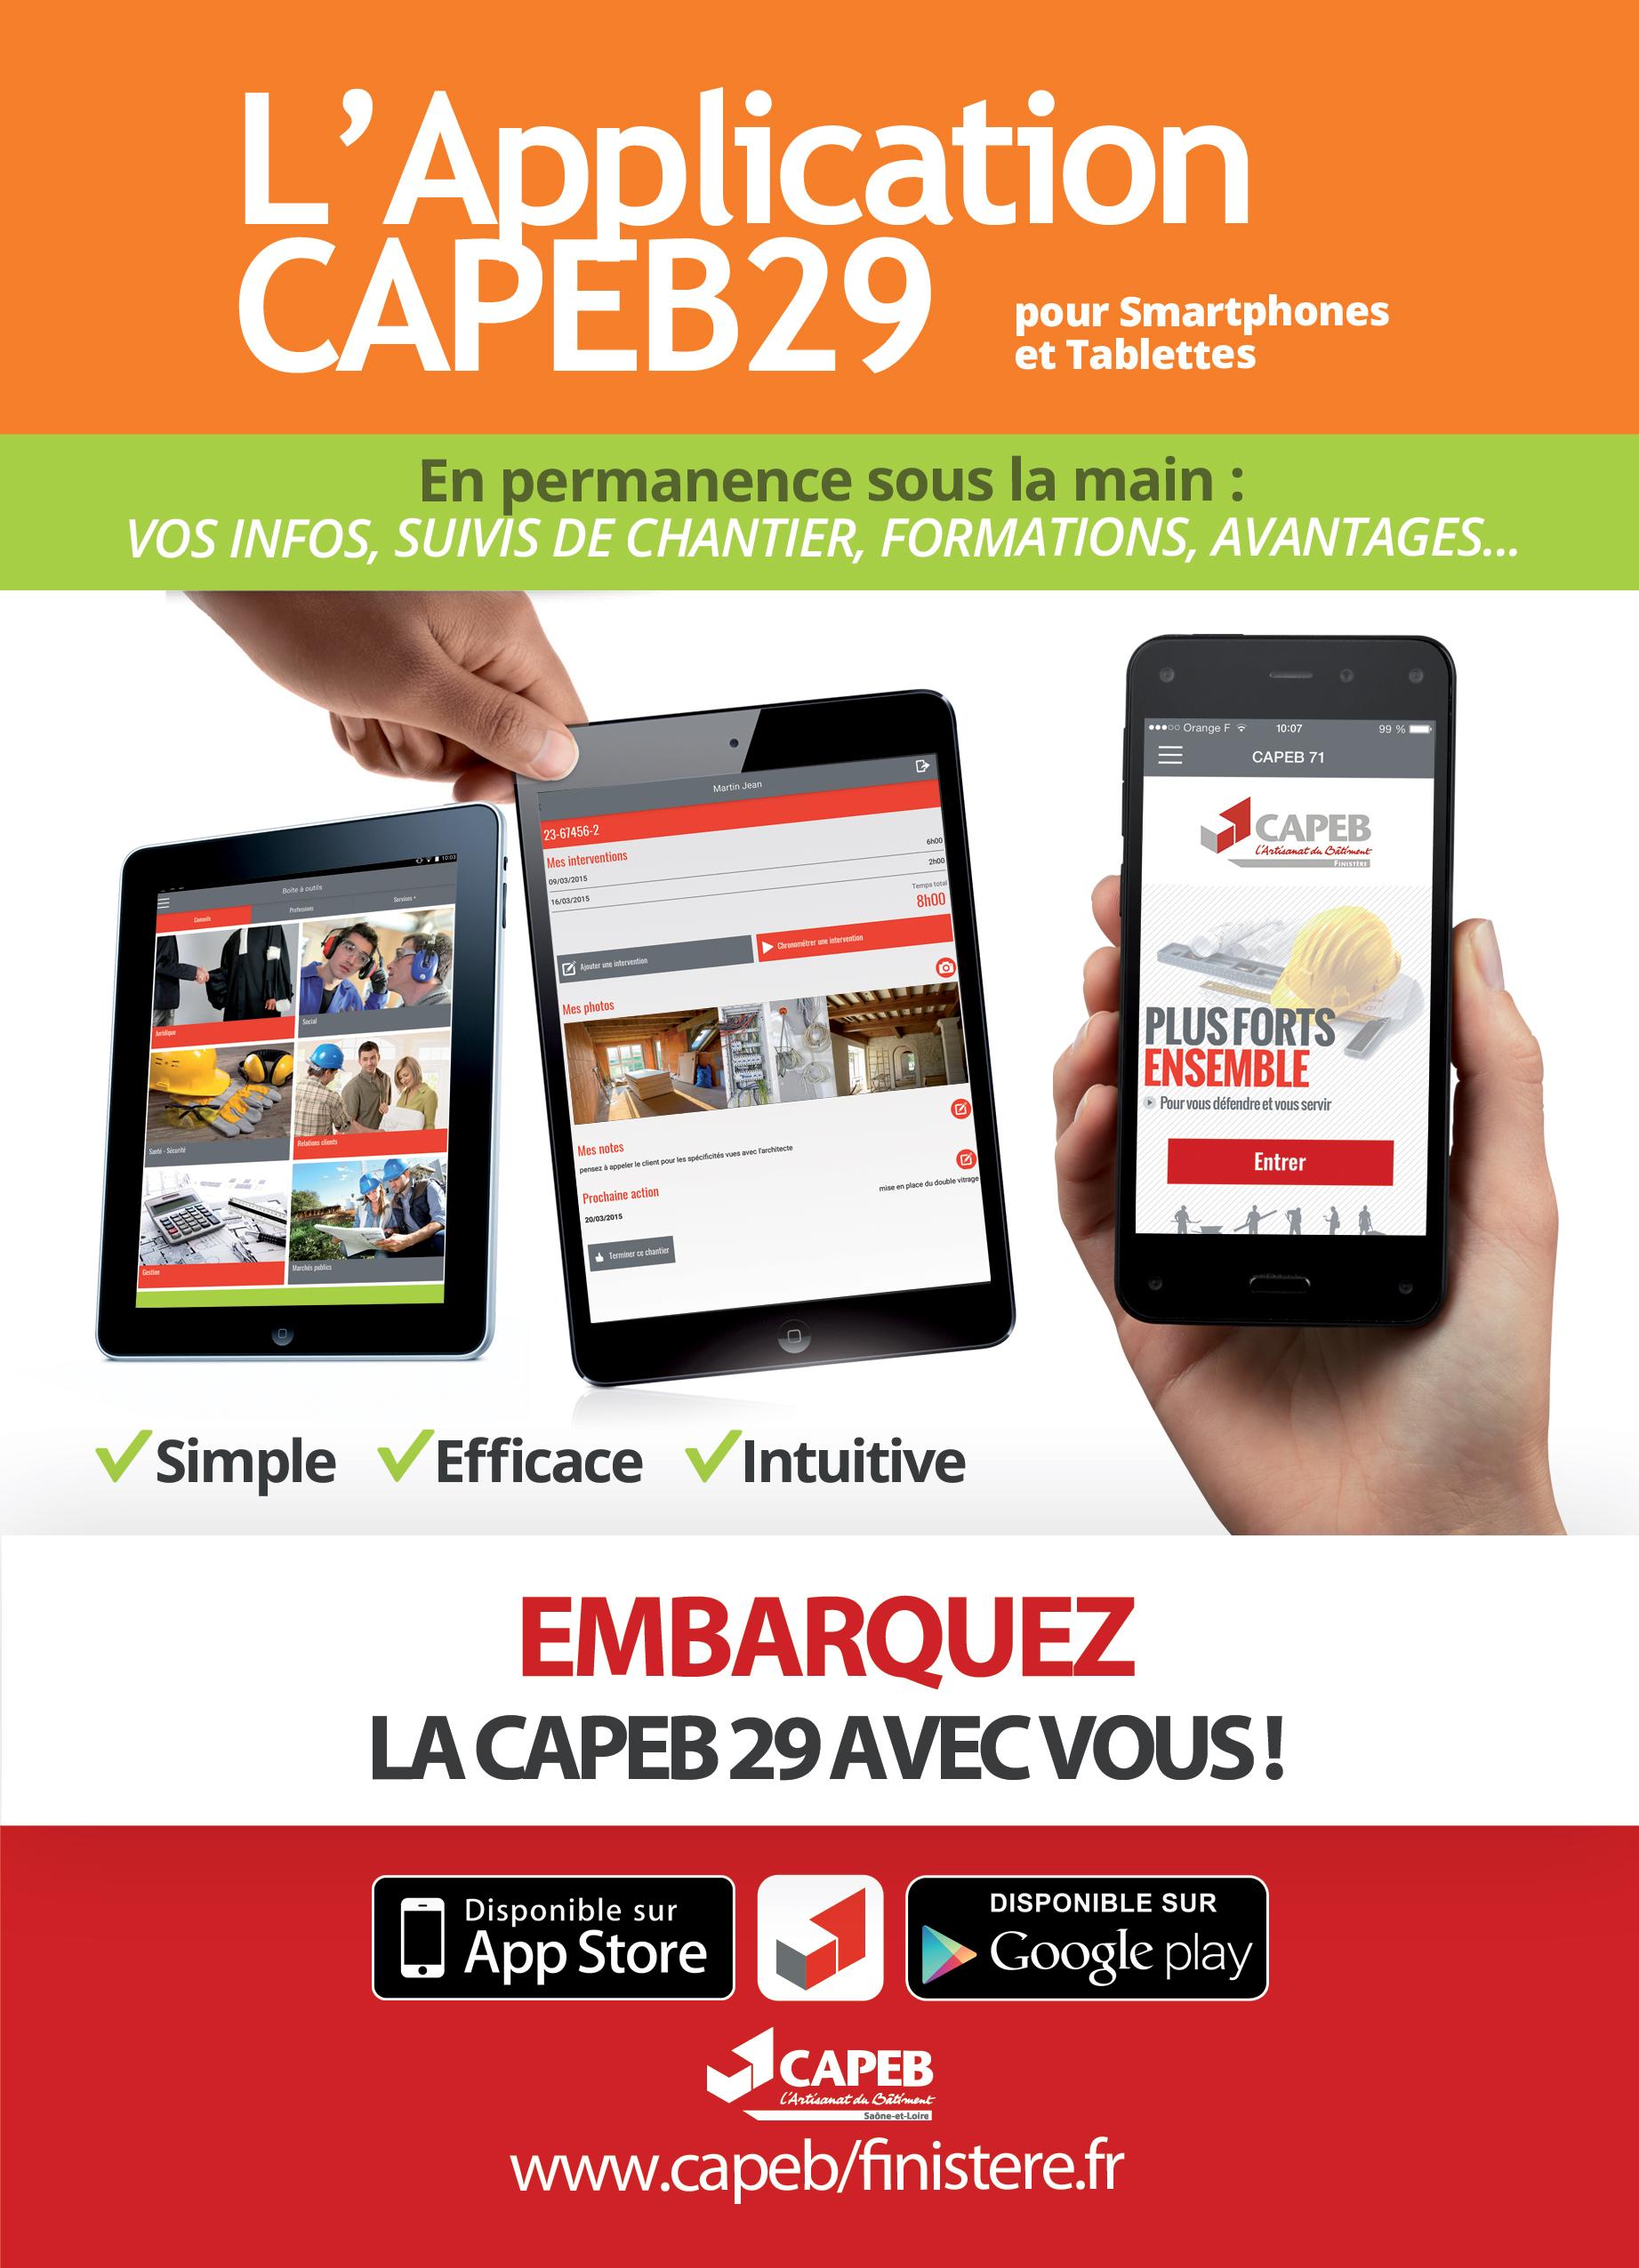 L'Appli CAPEB 29